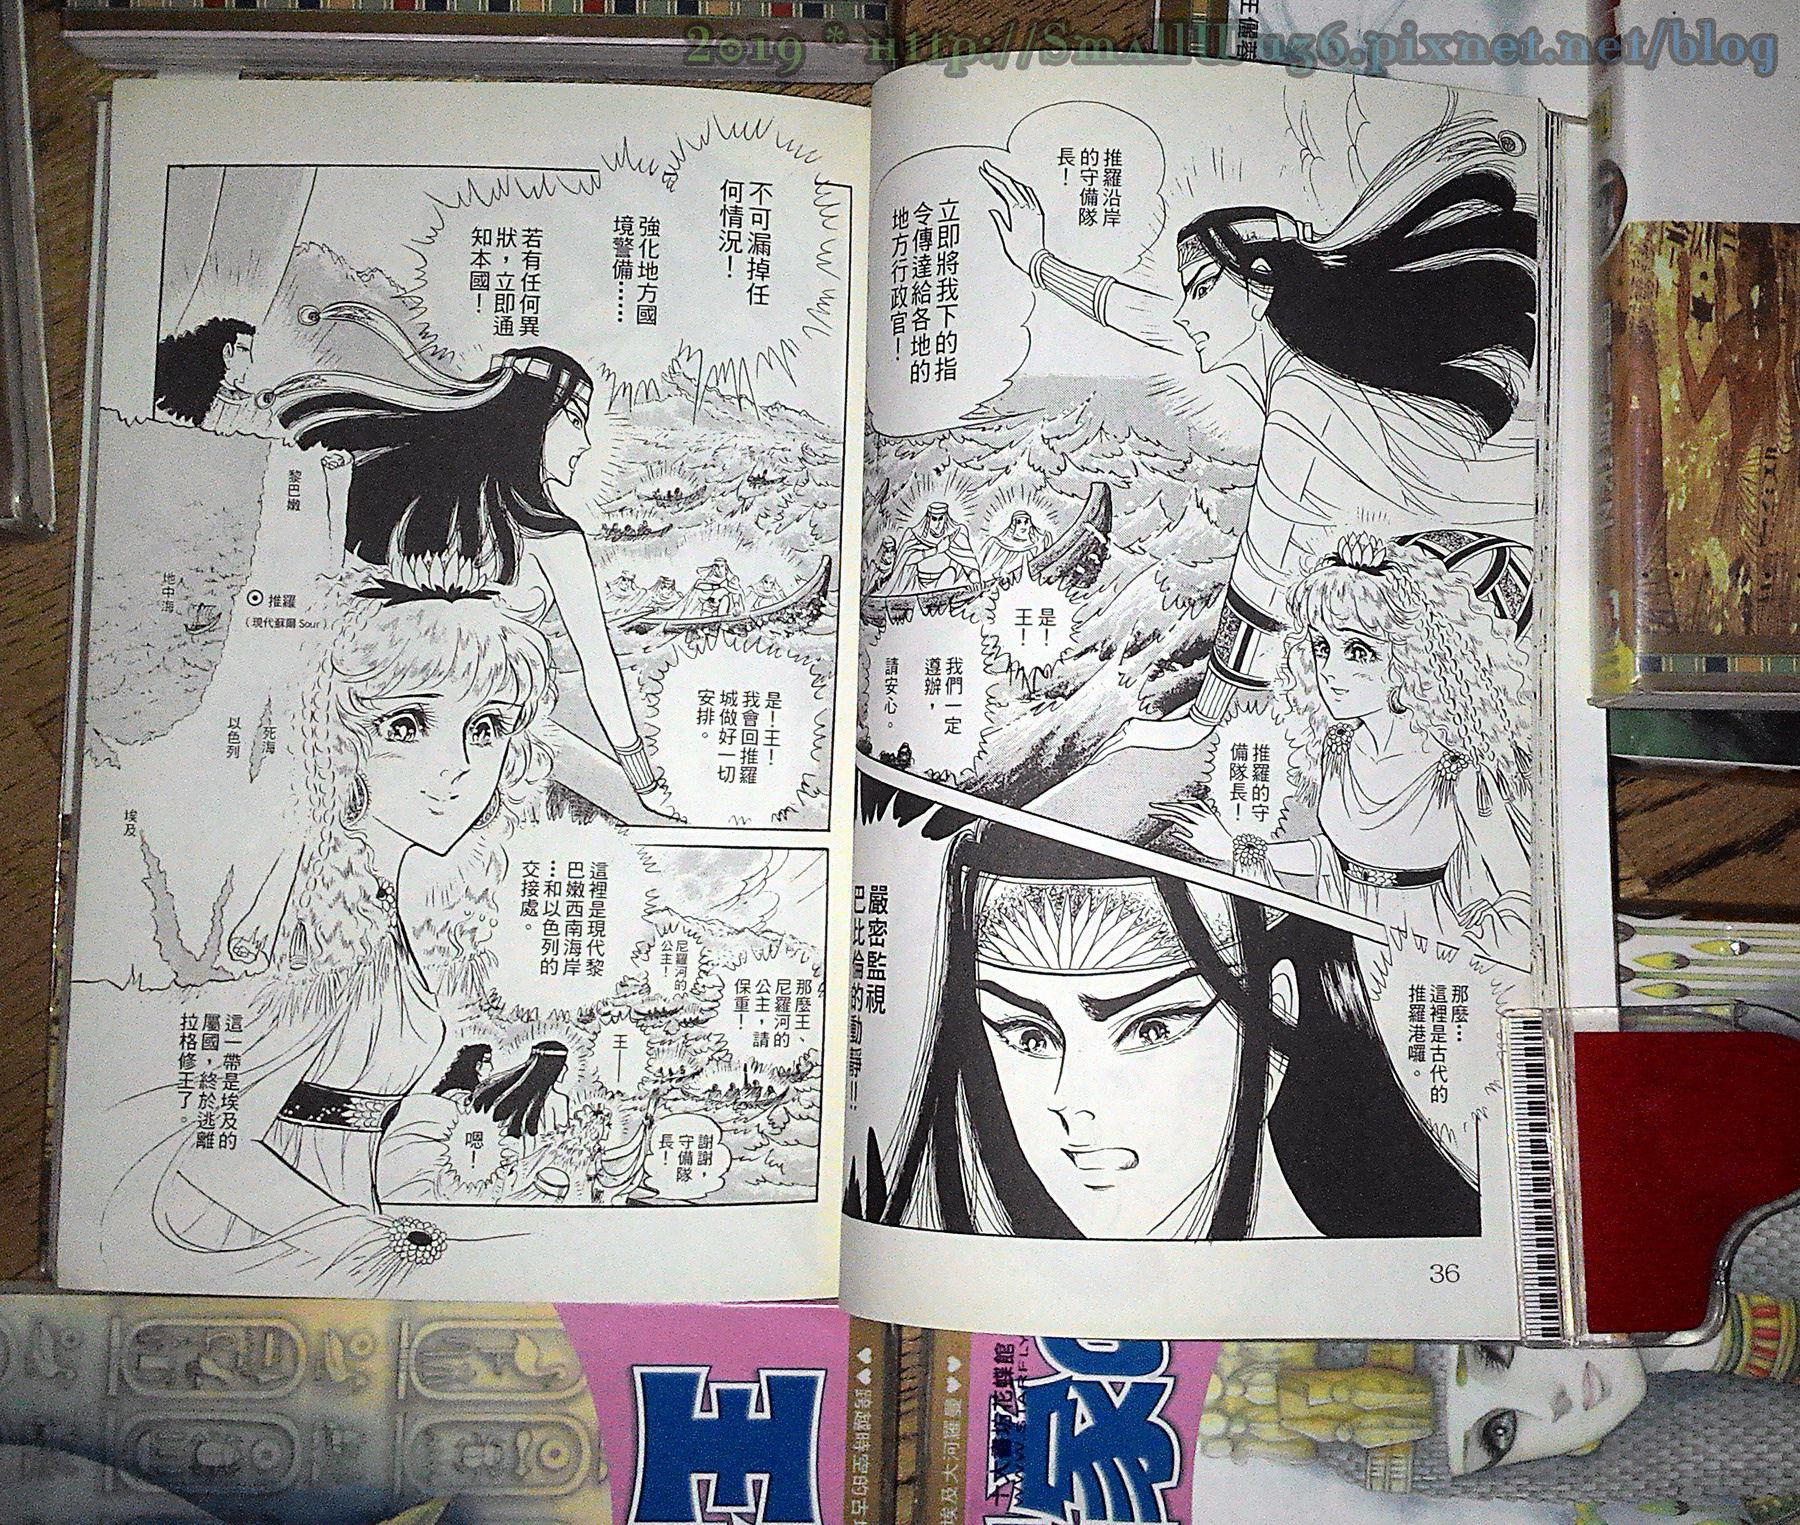 細川智榮子-王家的紋章(尼羅河女兒) 11-26 (長鴻)  vol_19 地圖.jpg